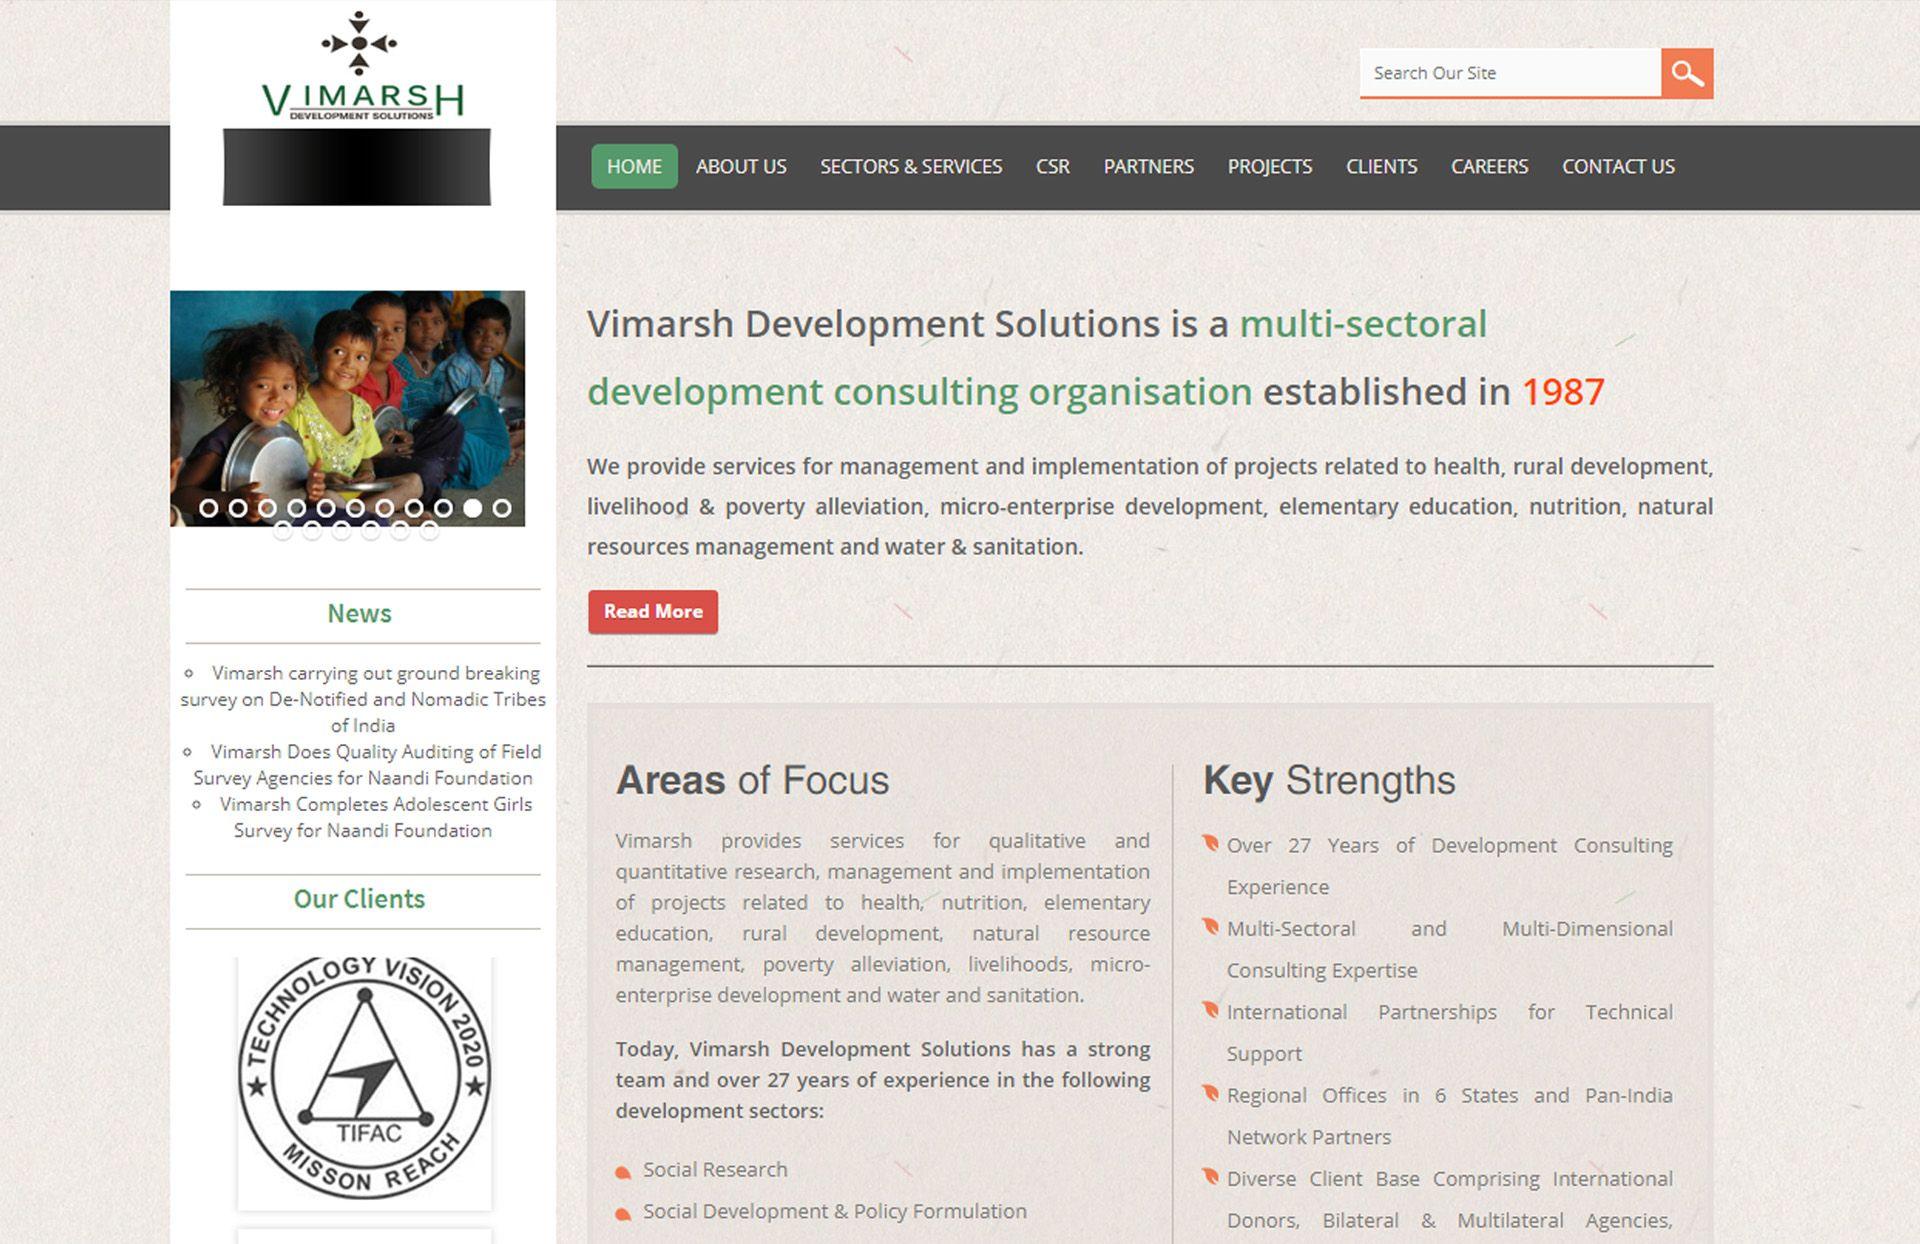 vimarsh by WebGlobals